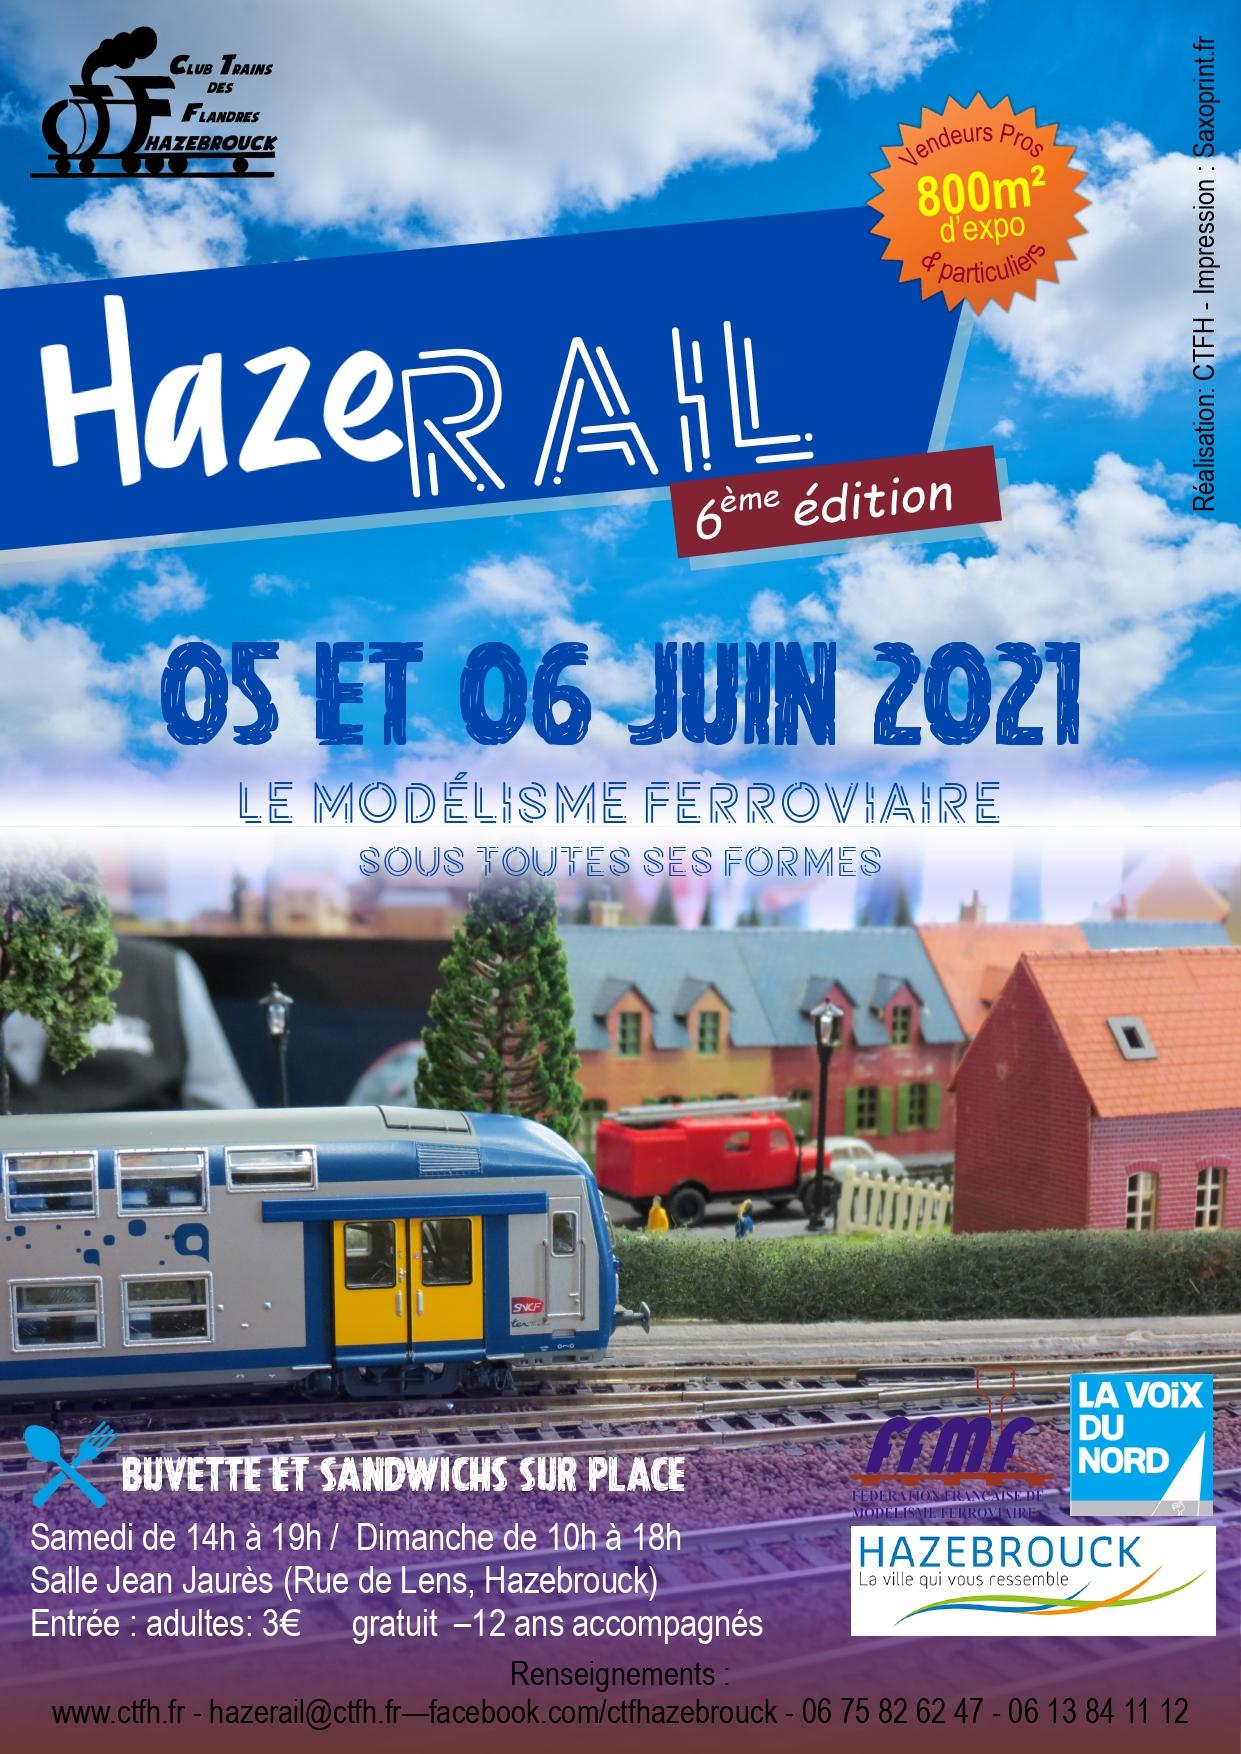 HAZERAIL 2021 - ANNULÉE